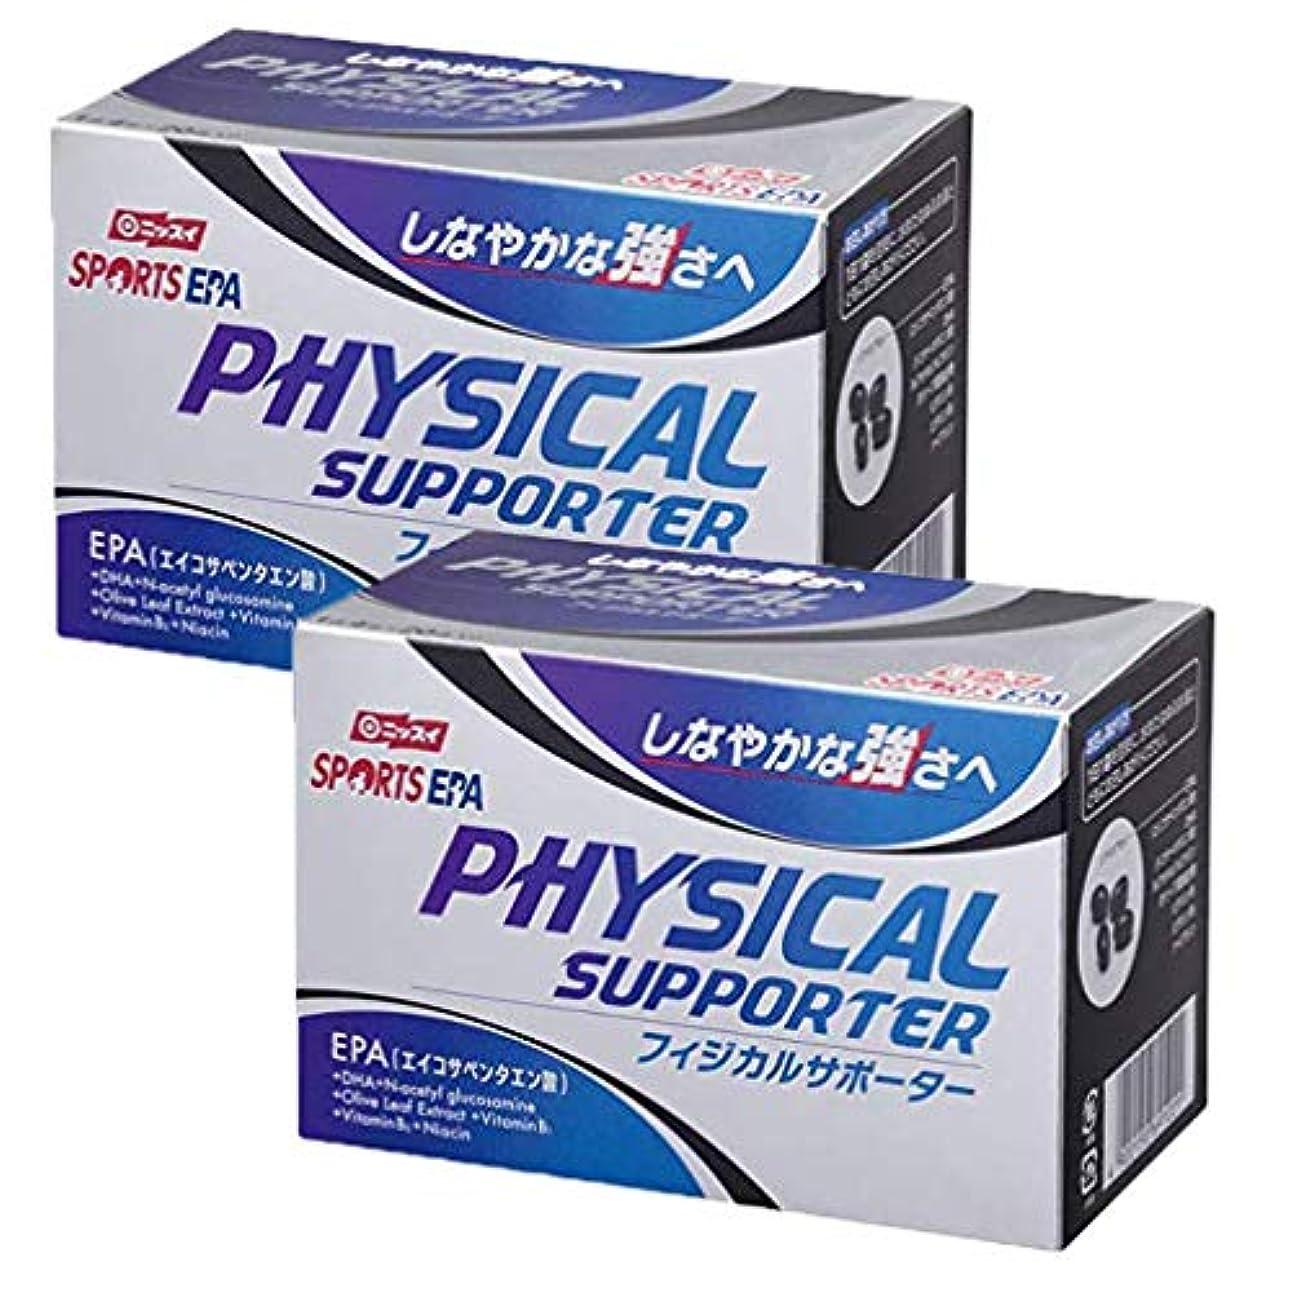 創傷私たち自身医薬品NISSUI(ニッスイ) スポーツ EPA フィジカル サポーター 2個セット 69102-2SET